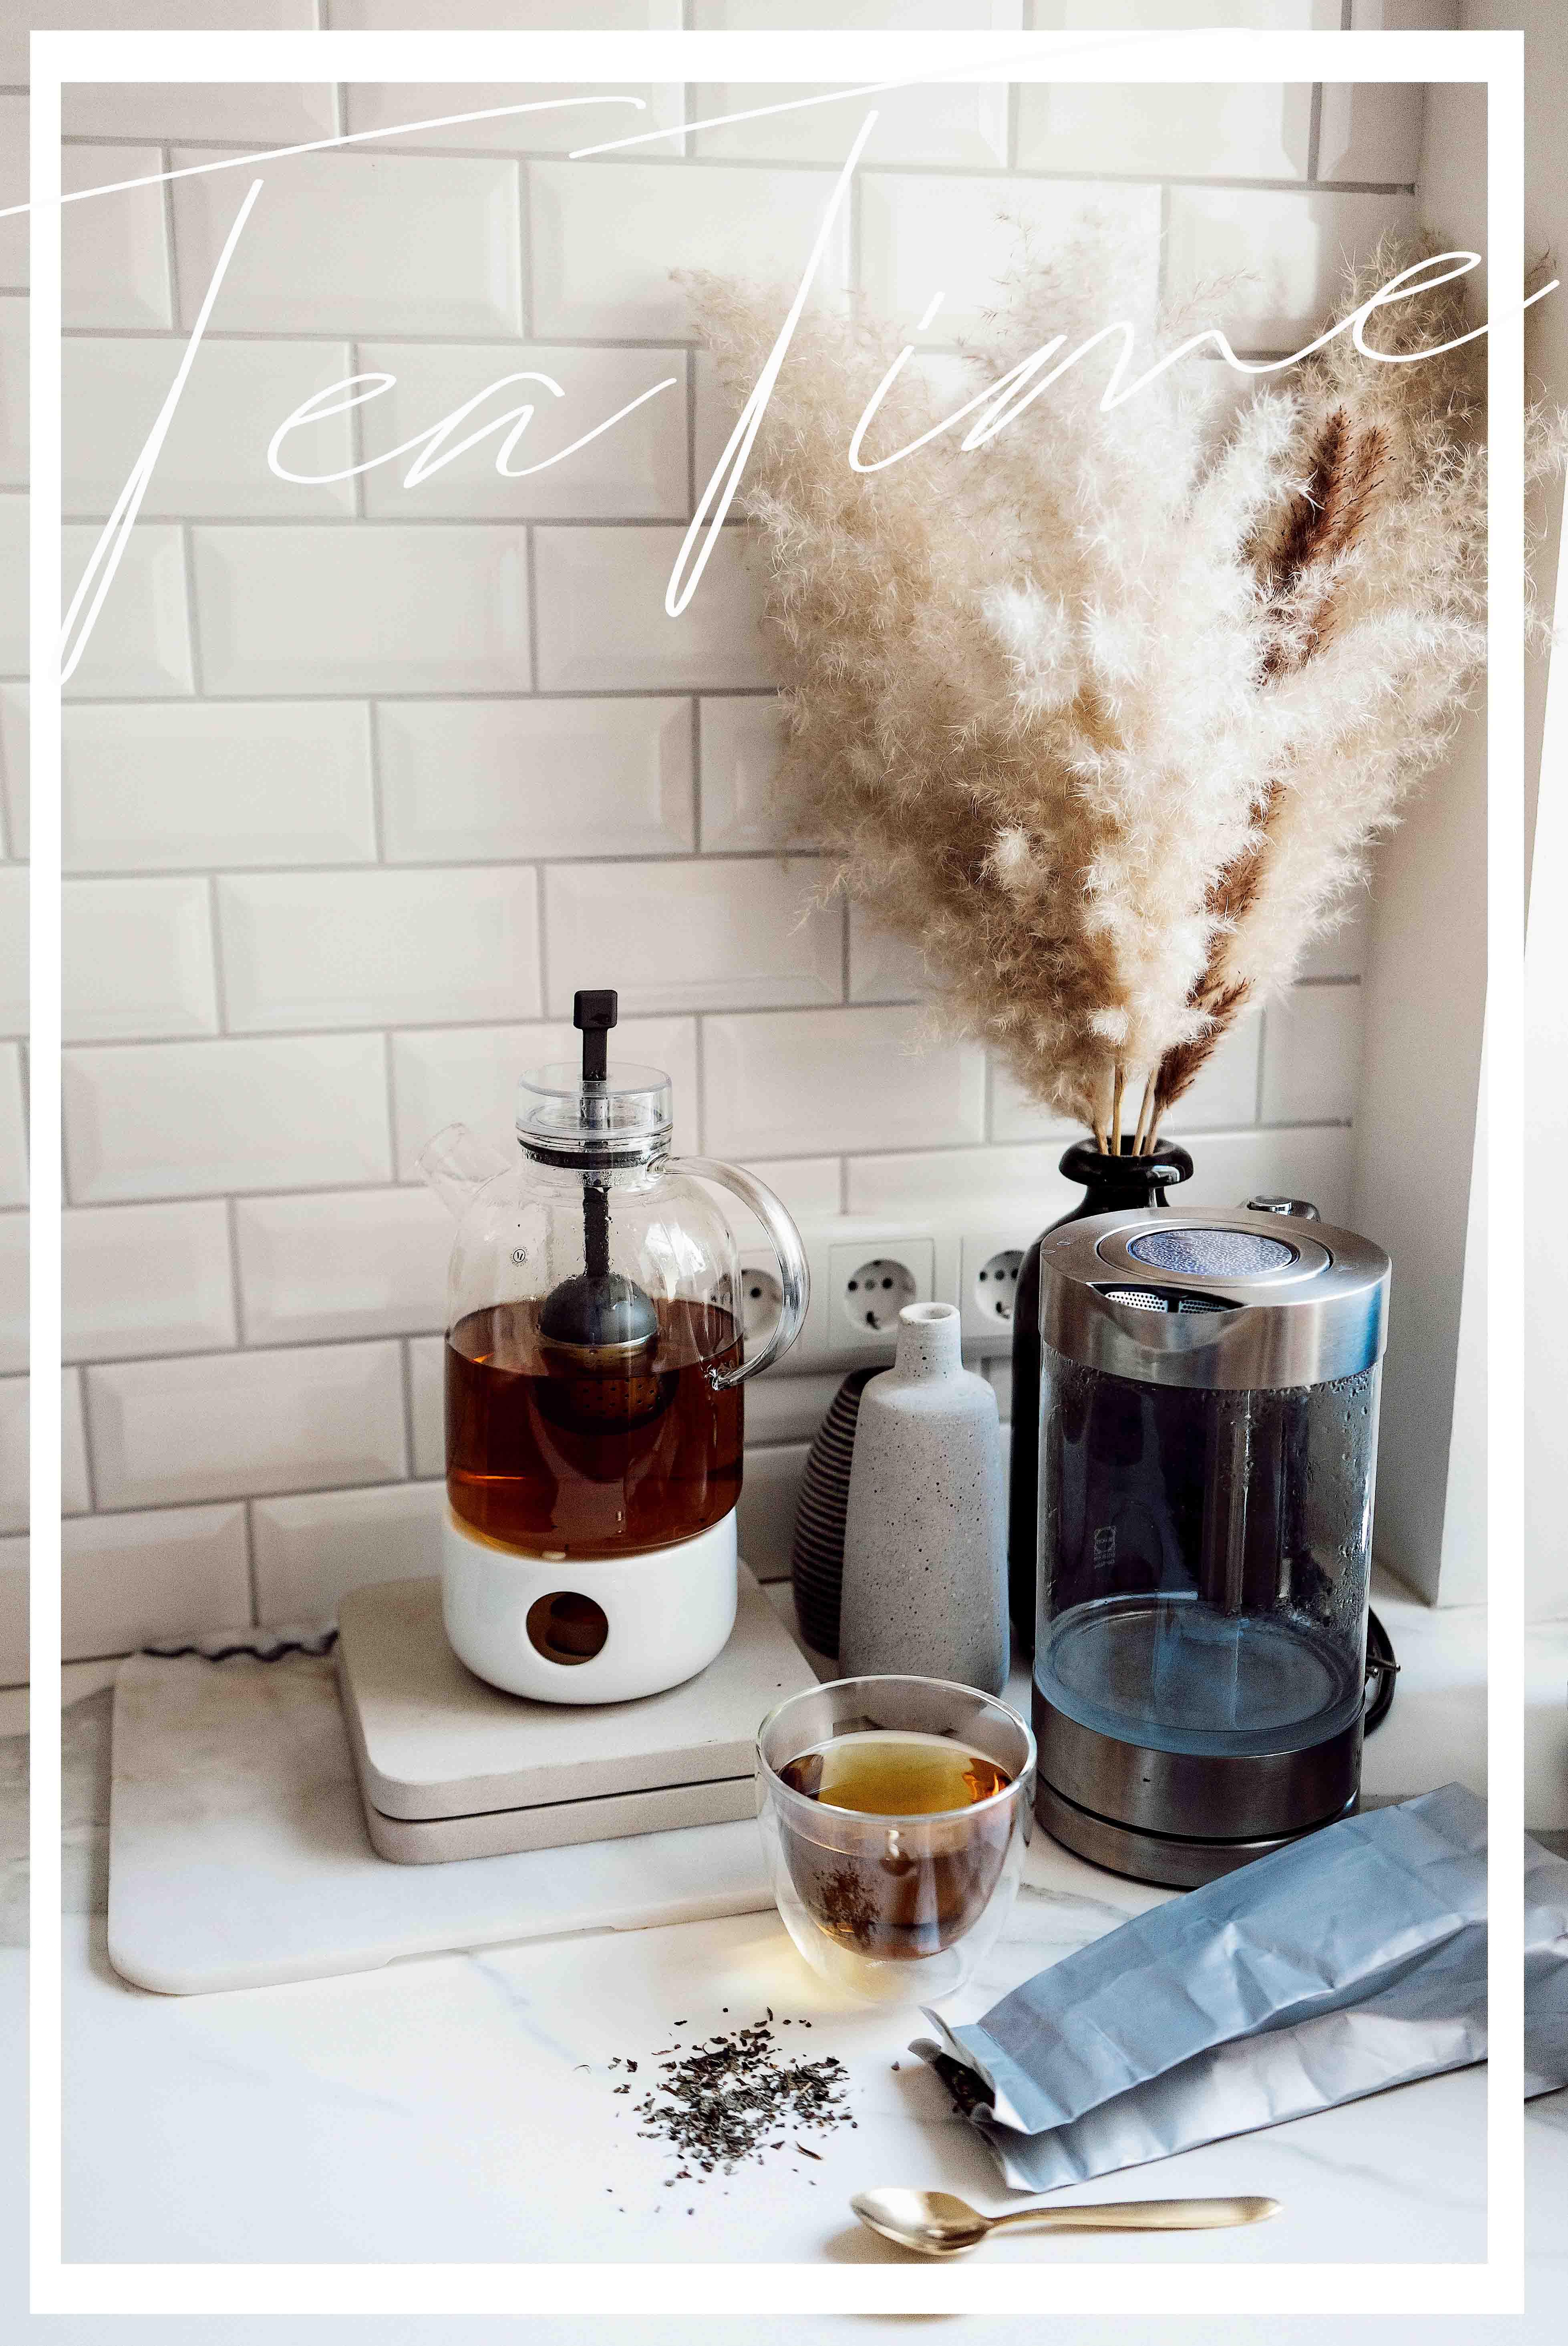 die perfekte Teekanne auf dem Couchtisch